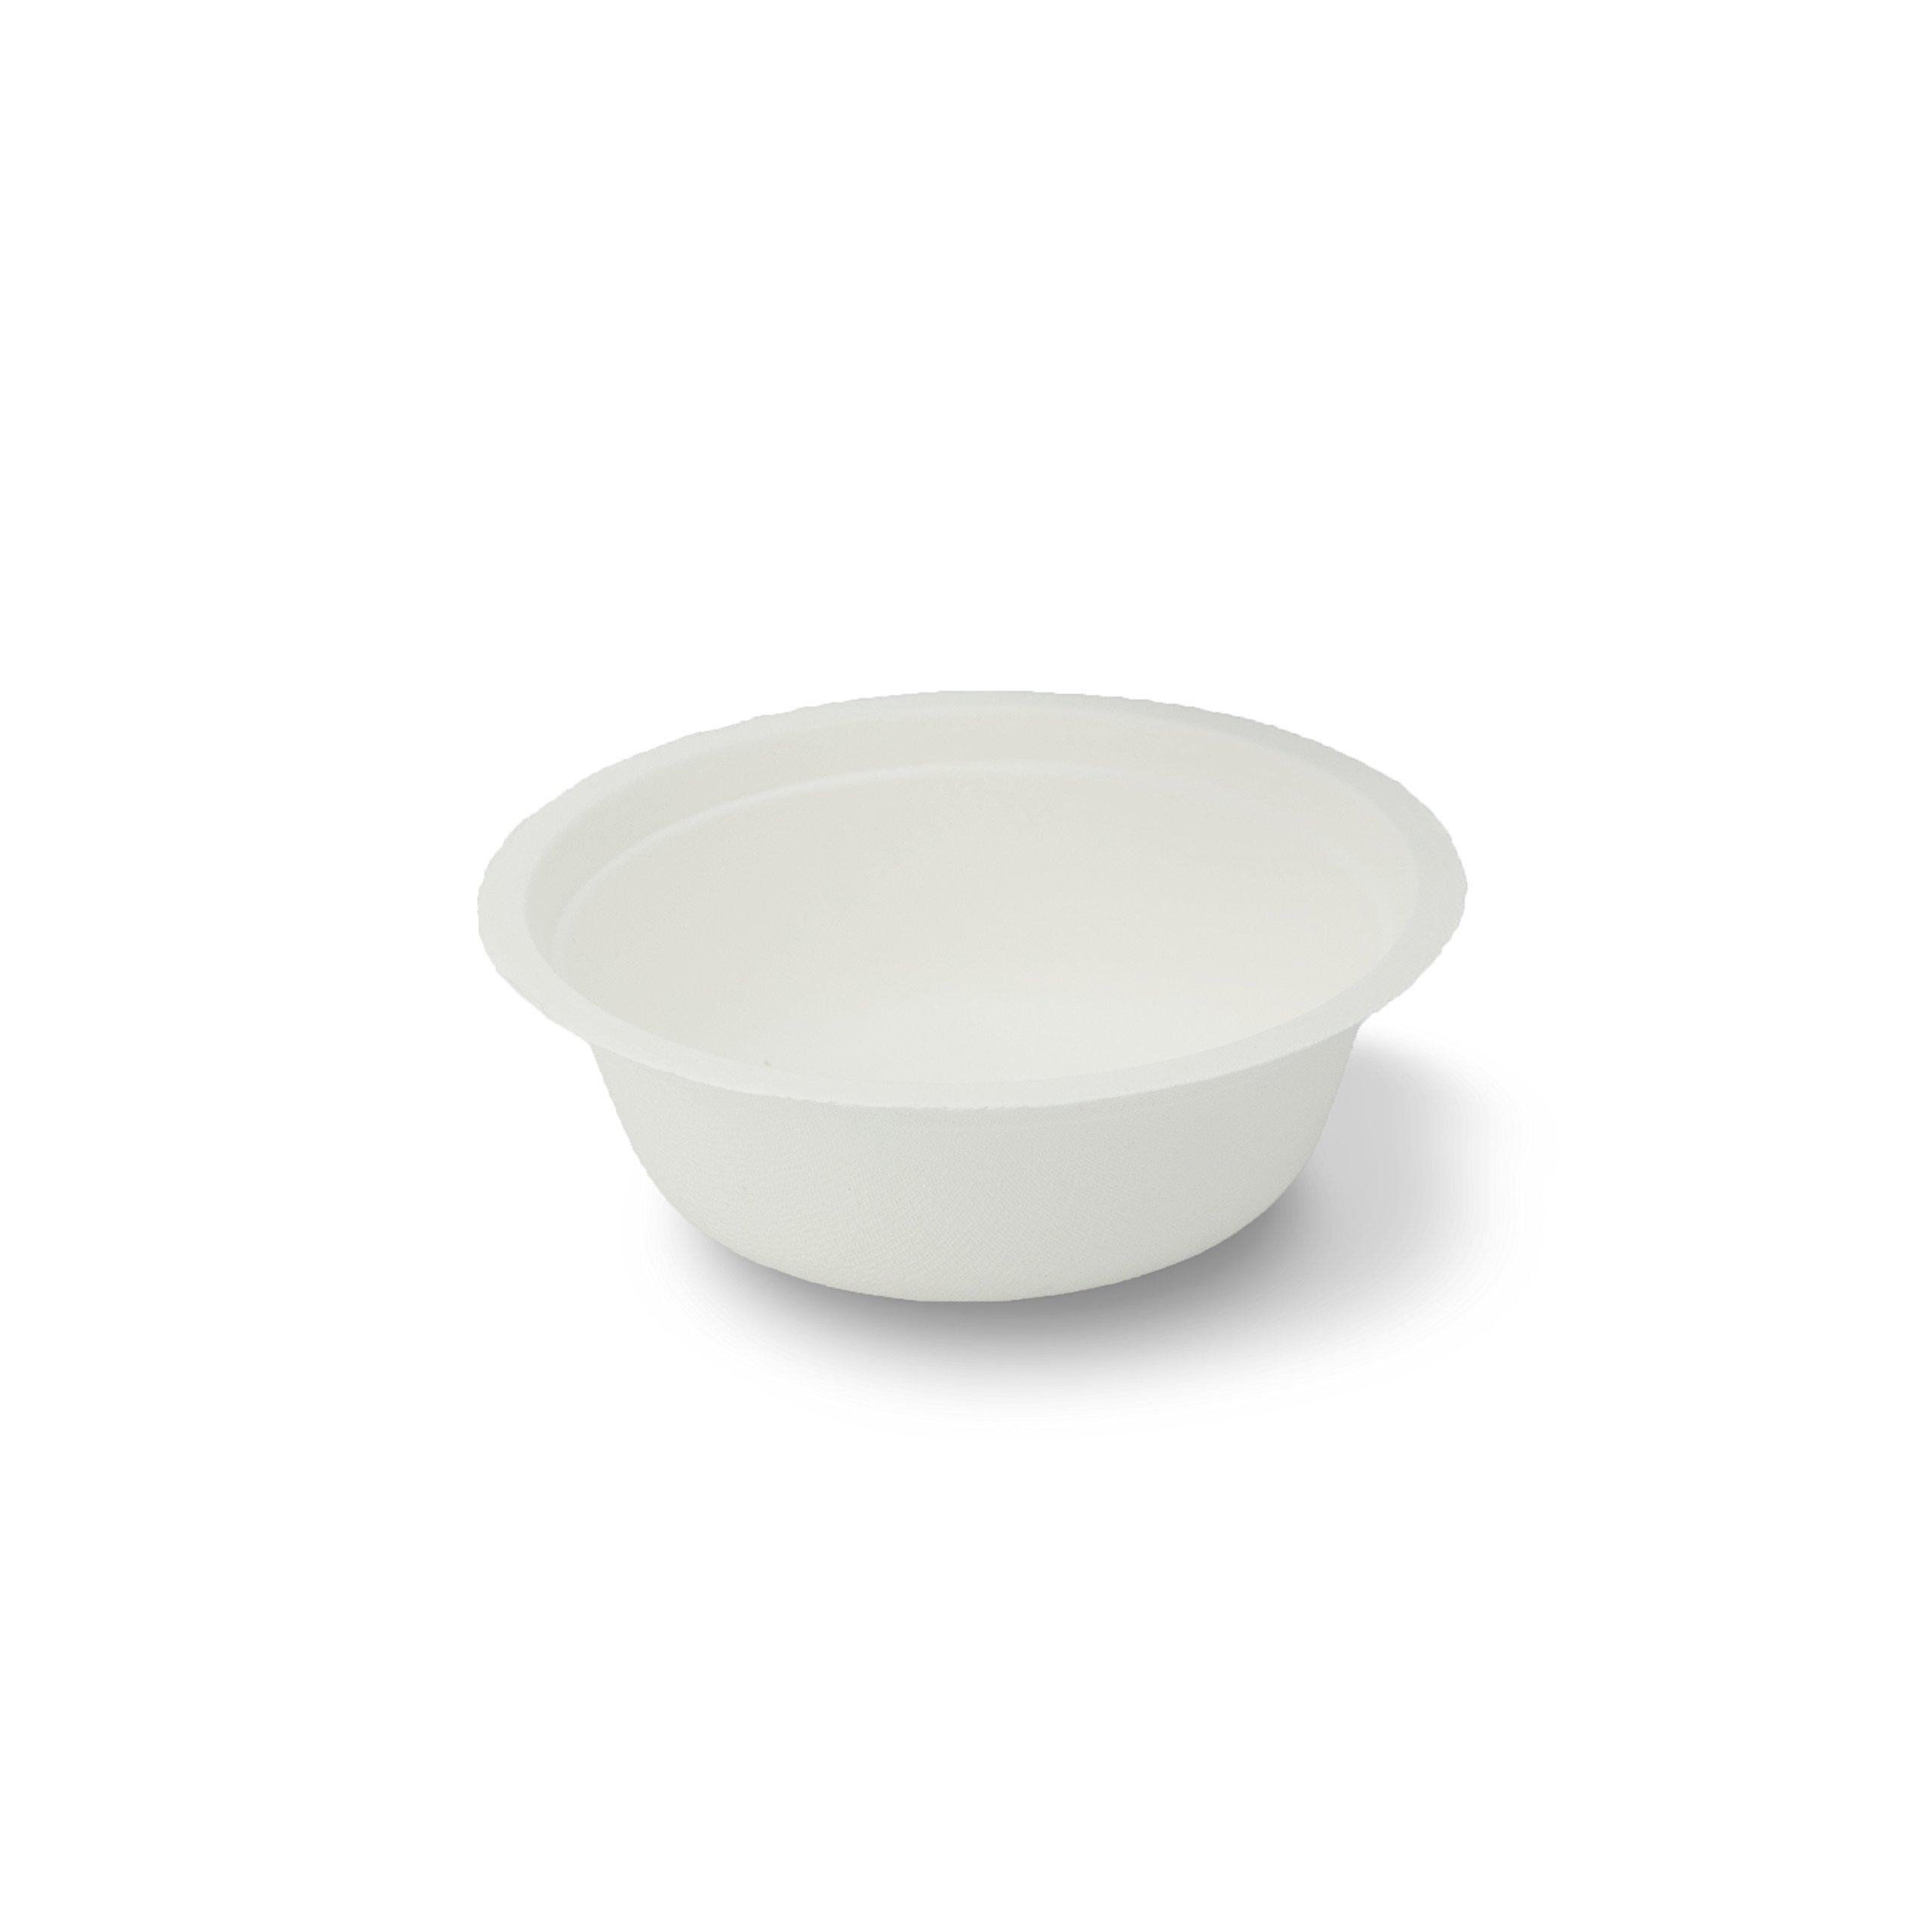 Stalkmarket 100% Compostable Sugar Cane Fiber Soup Bowl, 12-Ounce, 500-Count Case